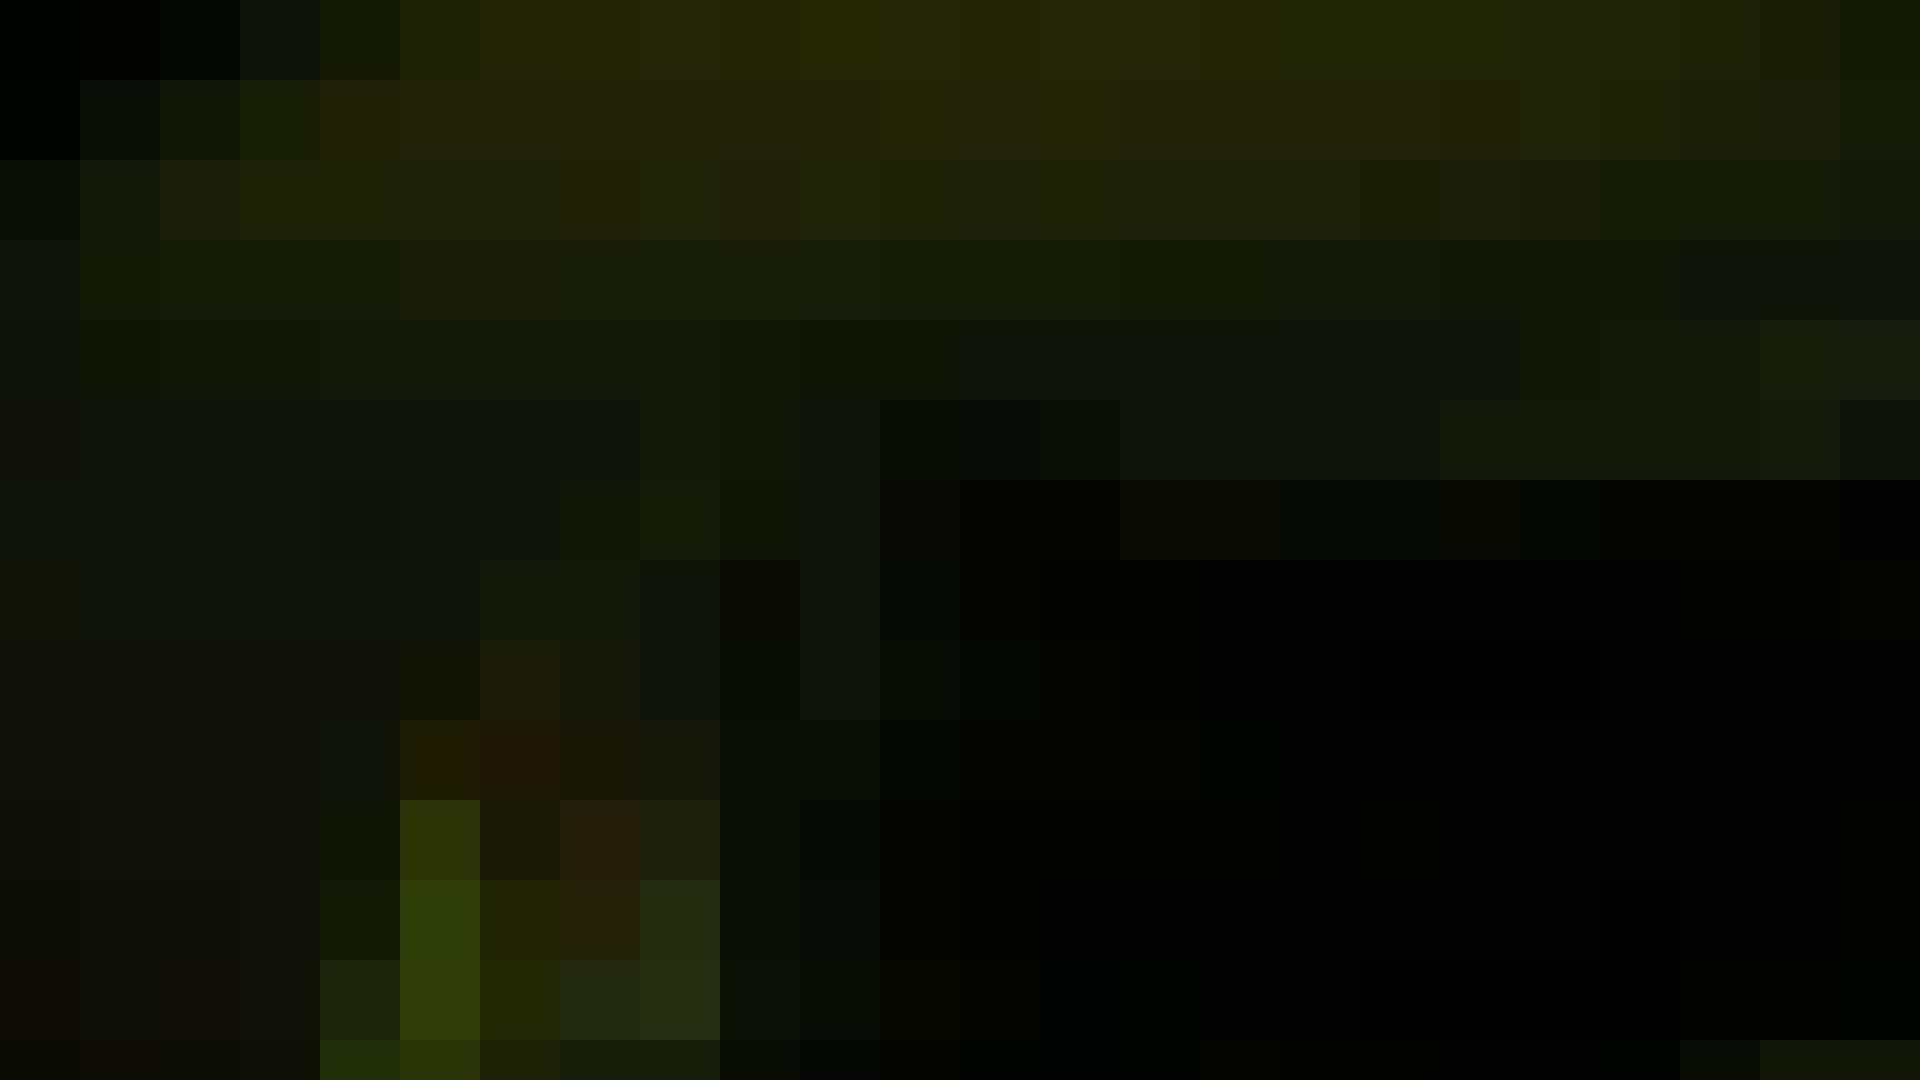 阿国ちゃんの「和式洋式七変化」No.18 iBO(フタコブ) 洗面所着替え   和式  83連発 68